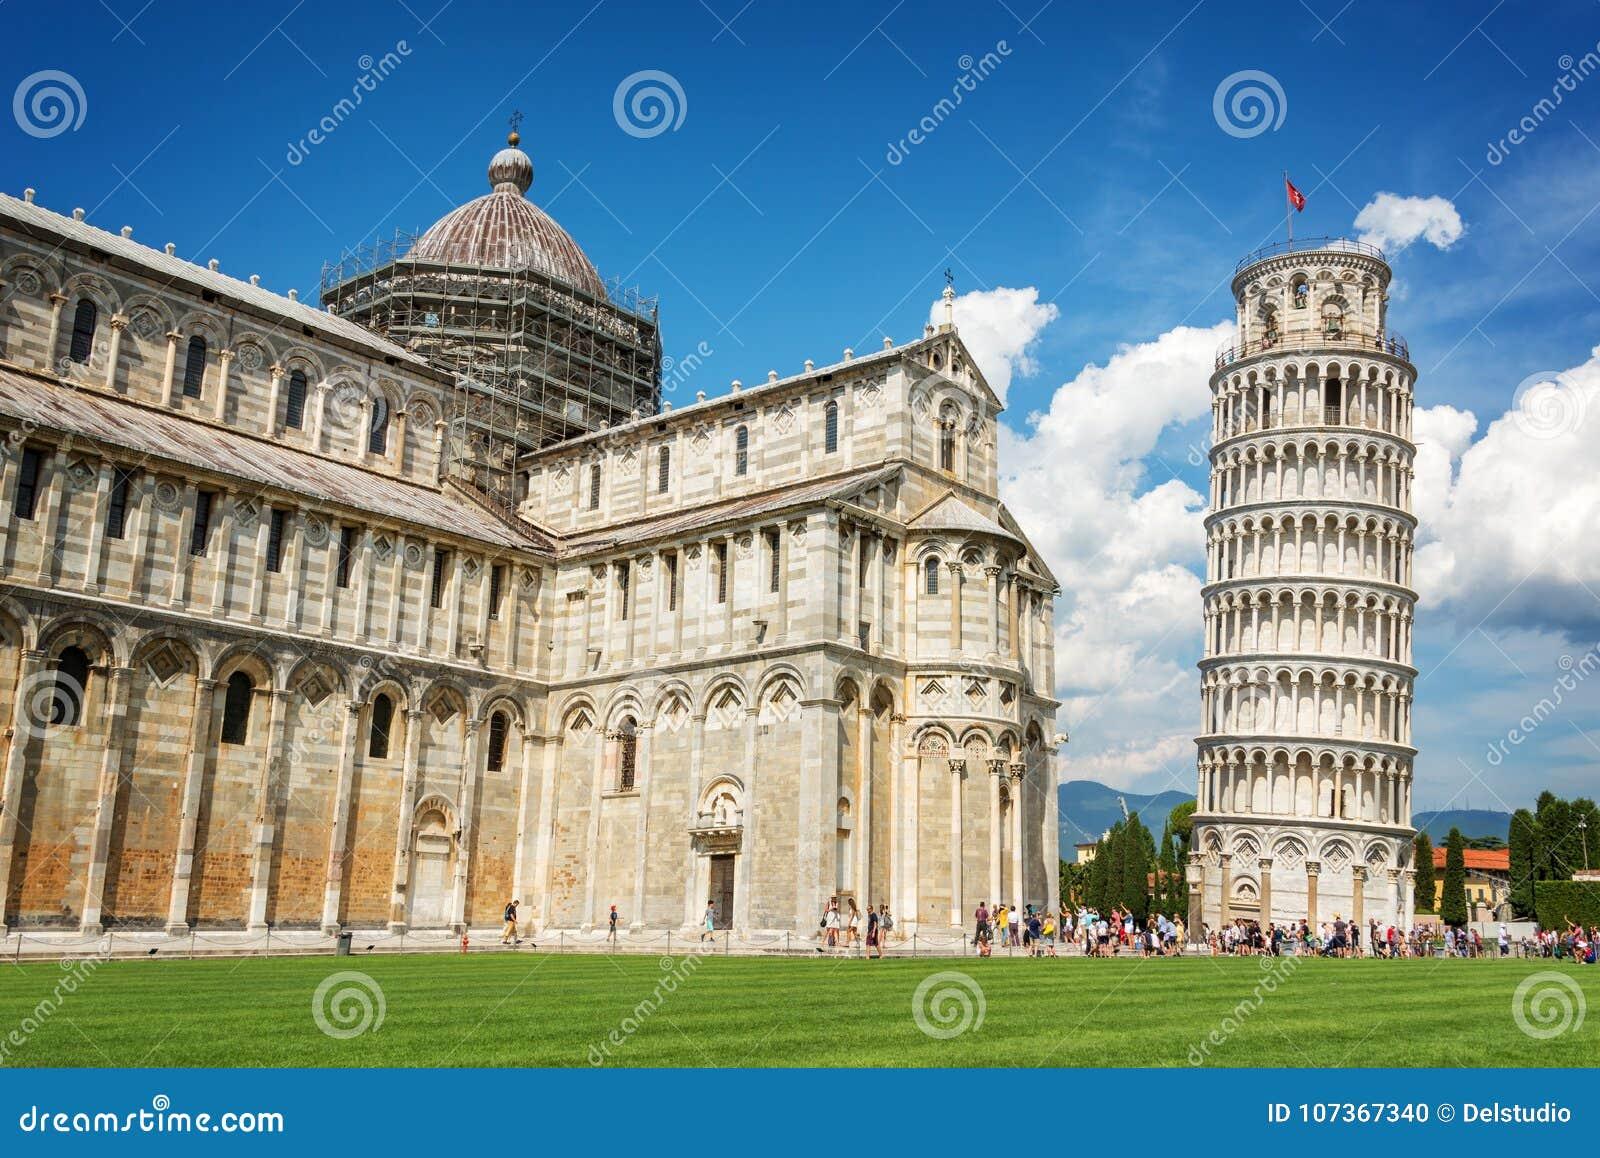 比萨和大教堂中央寺院斜塔在比萨,托斯卡纳意大利